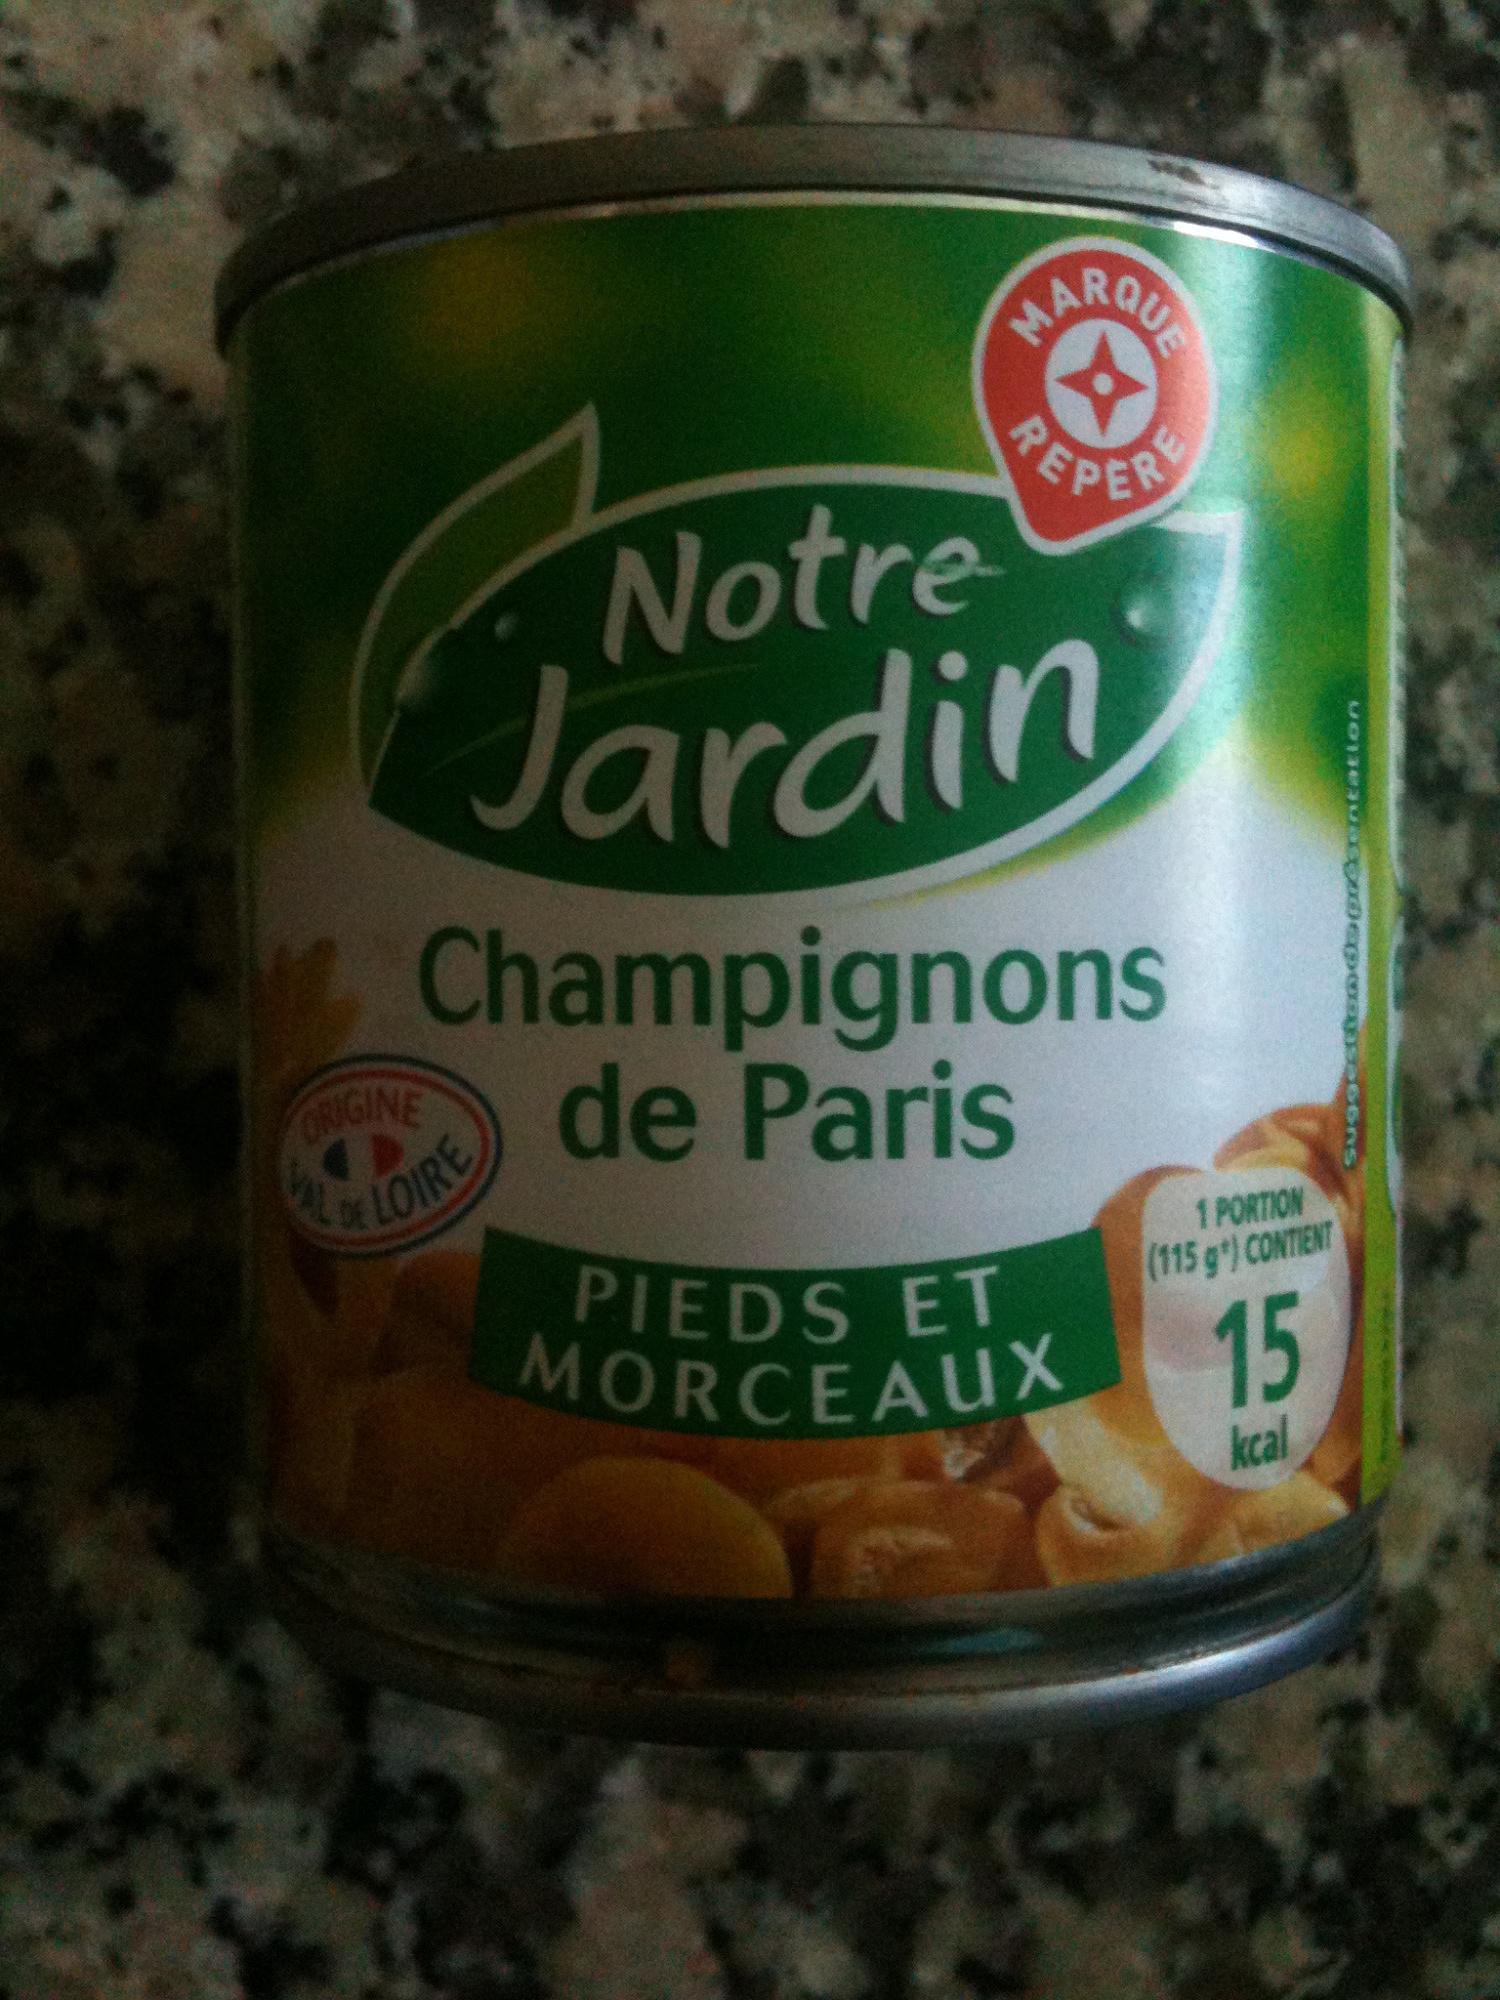 Marque Repère - Notre Jardin - Champignons de Paris (Pieds et Morceaux) - Product - fr